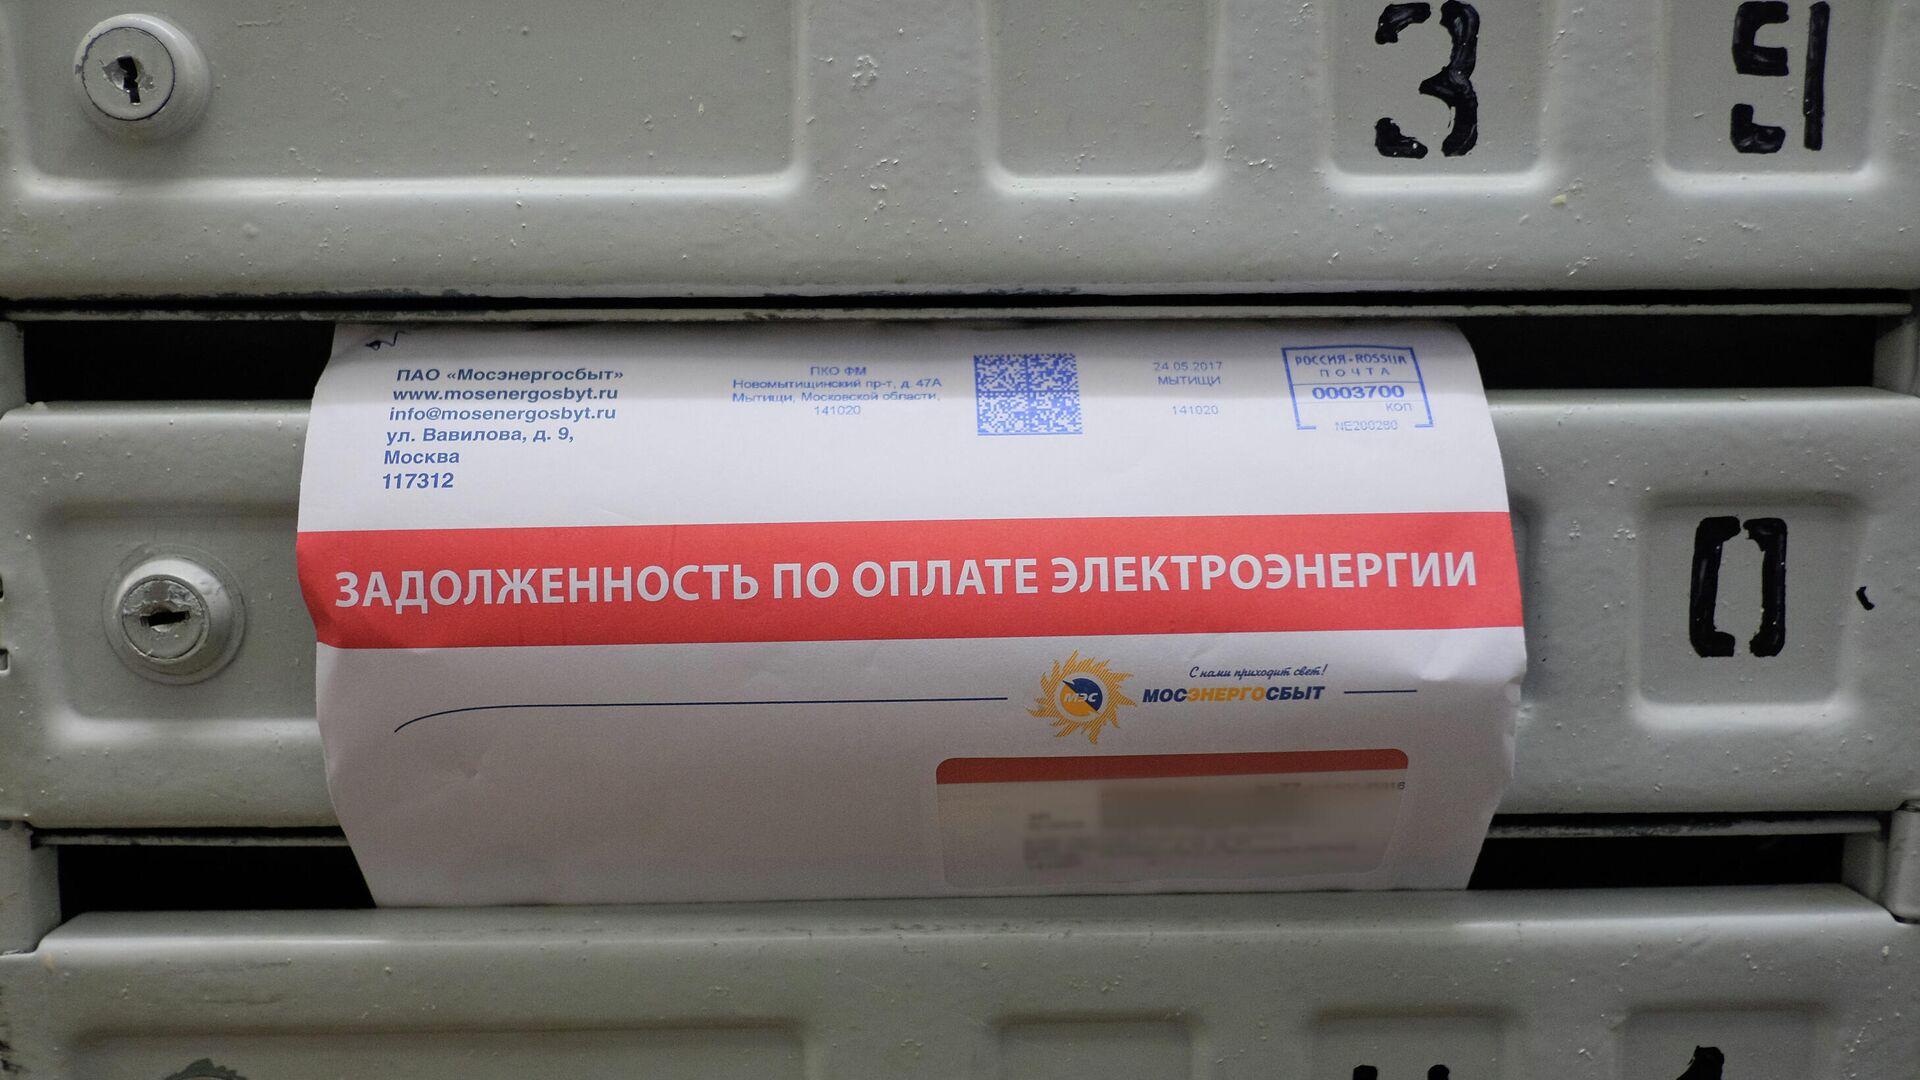 Почтовое извещение о задолженности по оплате электроэнергии - РИА Новости, 1920, 06.11.2019